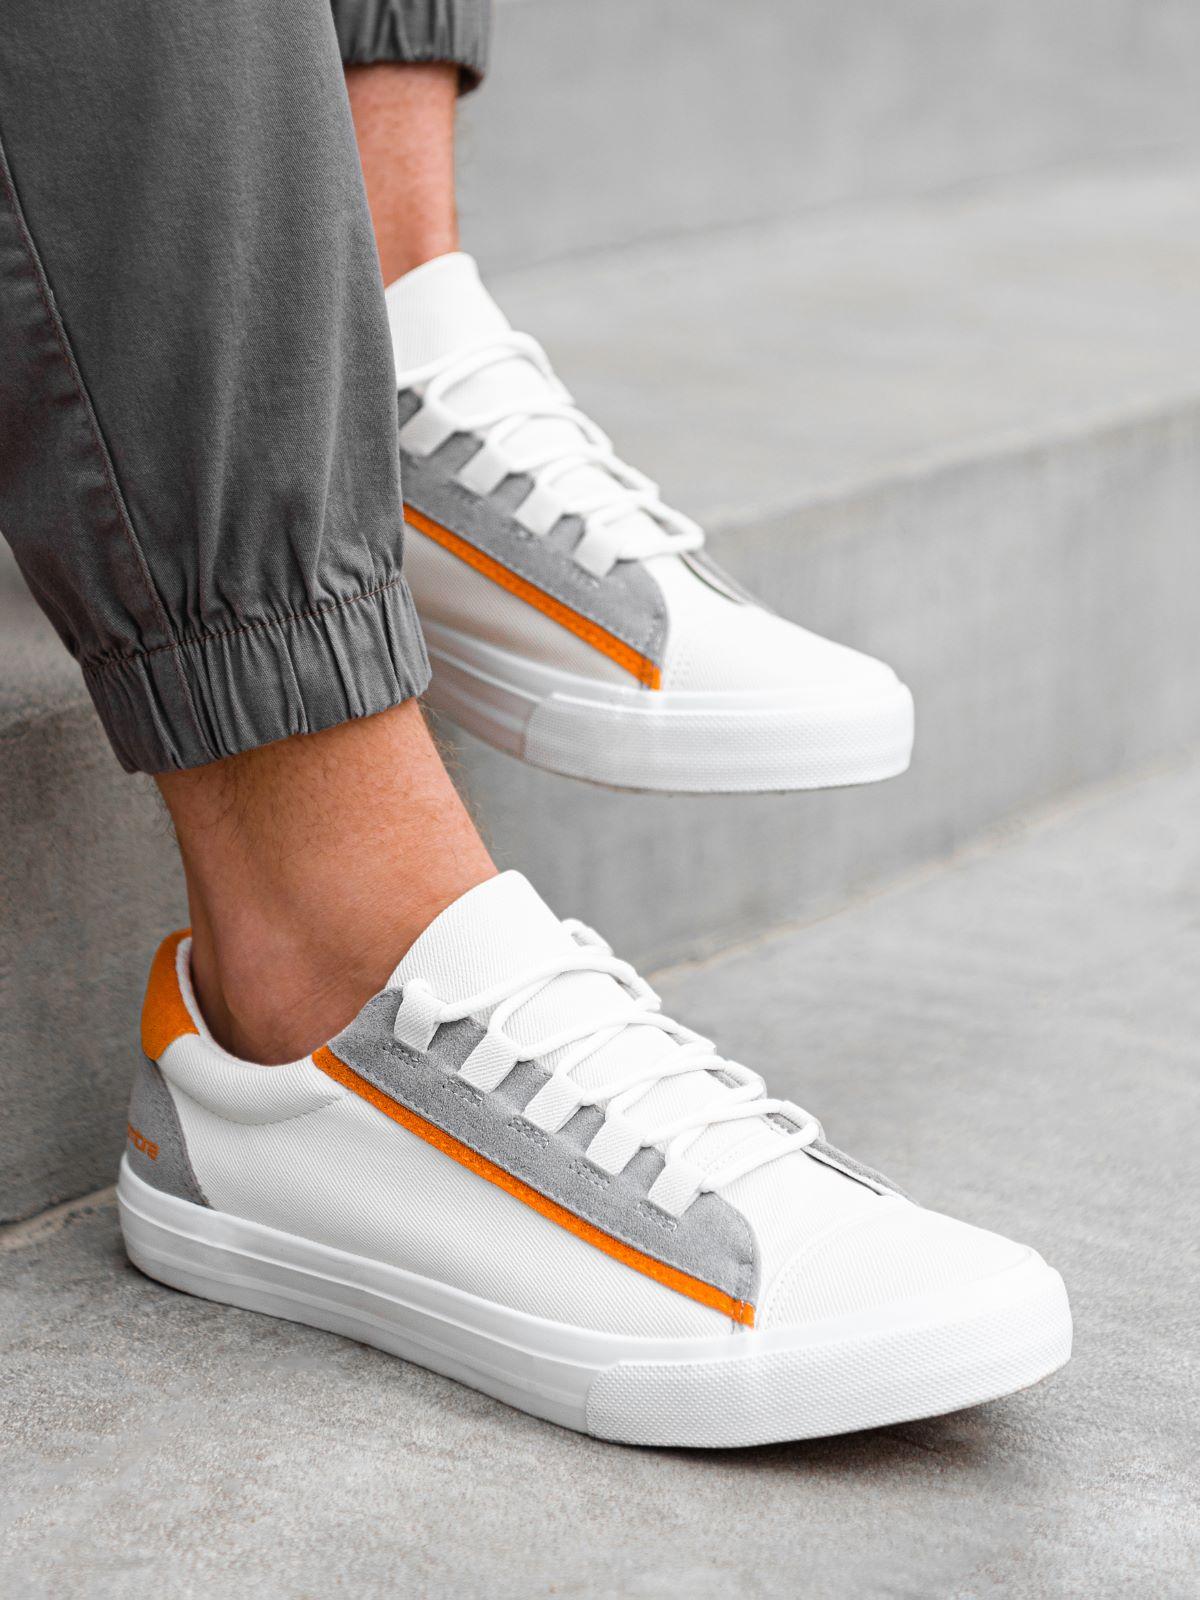 Buty męskie trampki T346 - białe/pomarańczowe